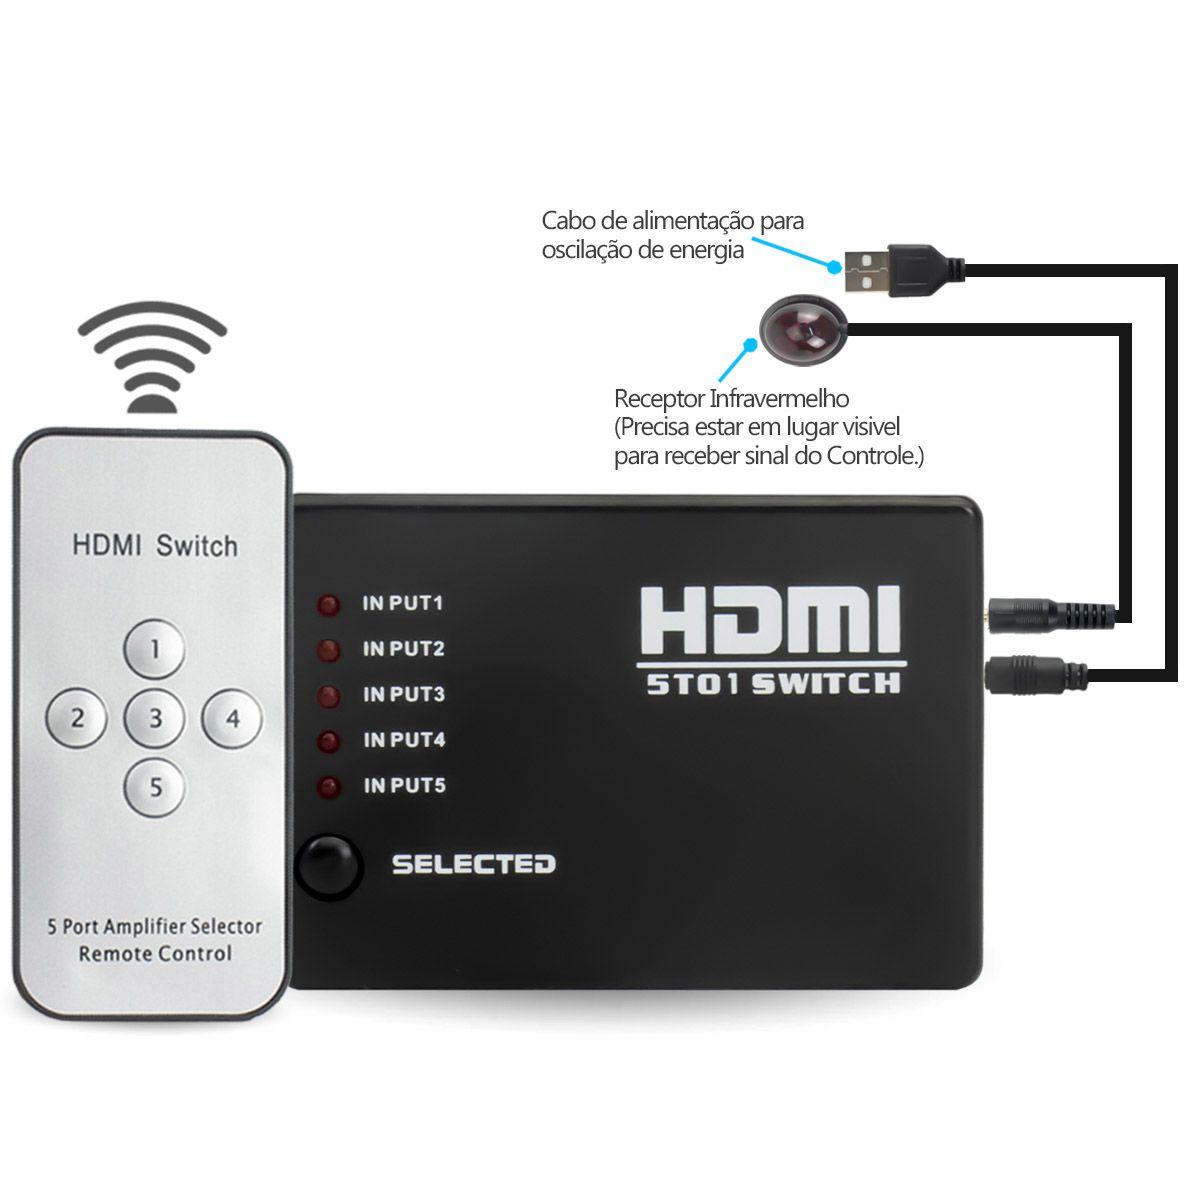 Switch HDMI 5 Entradas x 1 Saida com Controle Remoto e Extensor + Cabo USB DC + 4 Cabos hdmi de 1,5 Metro